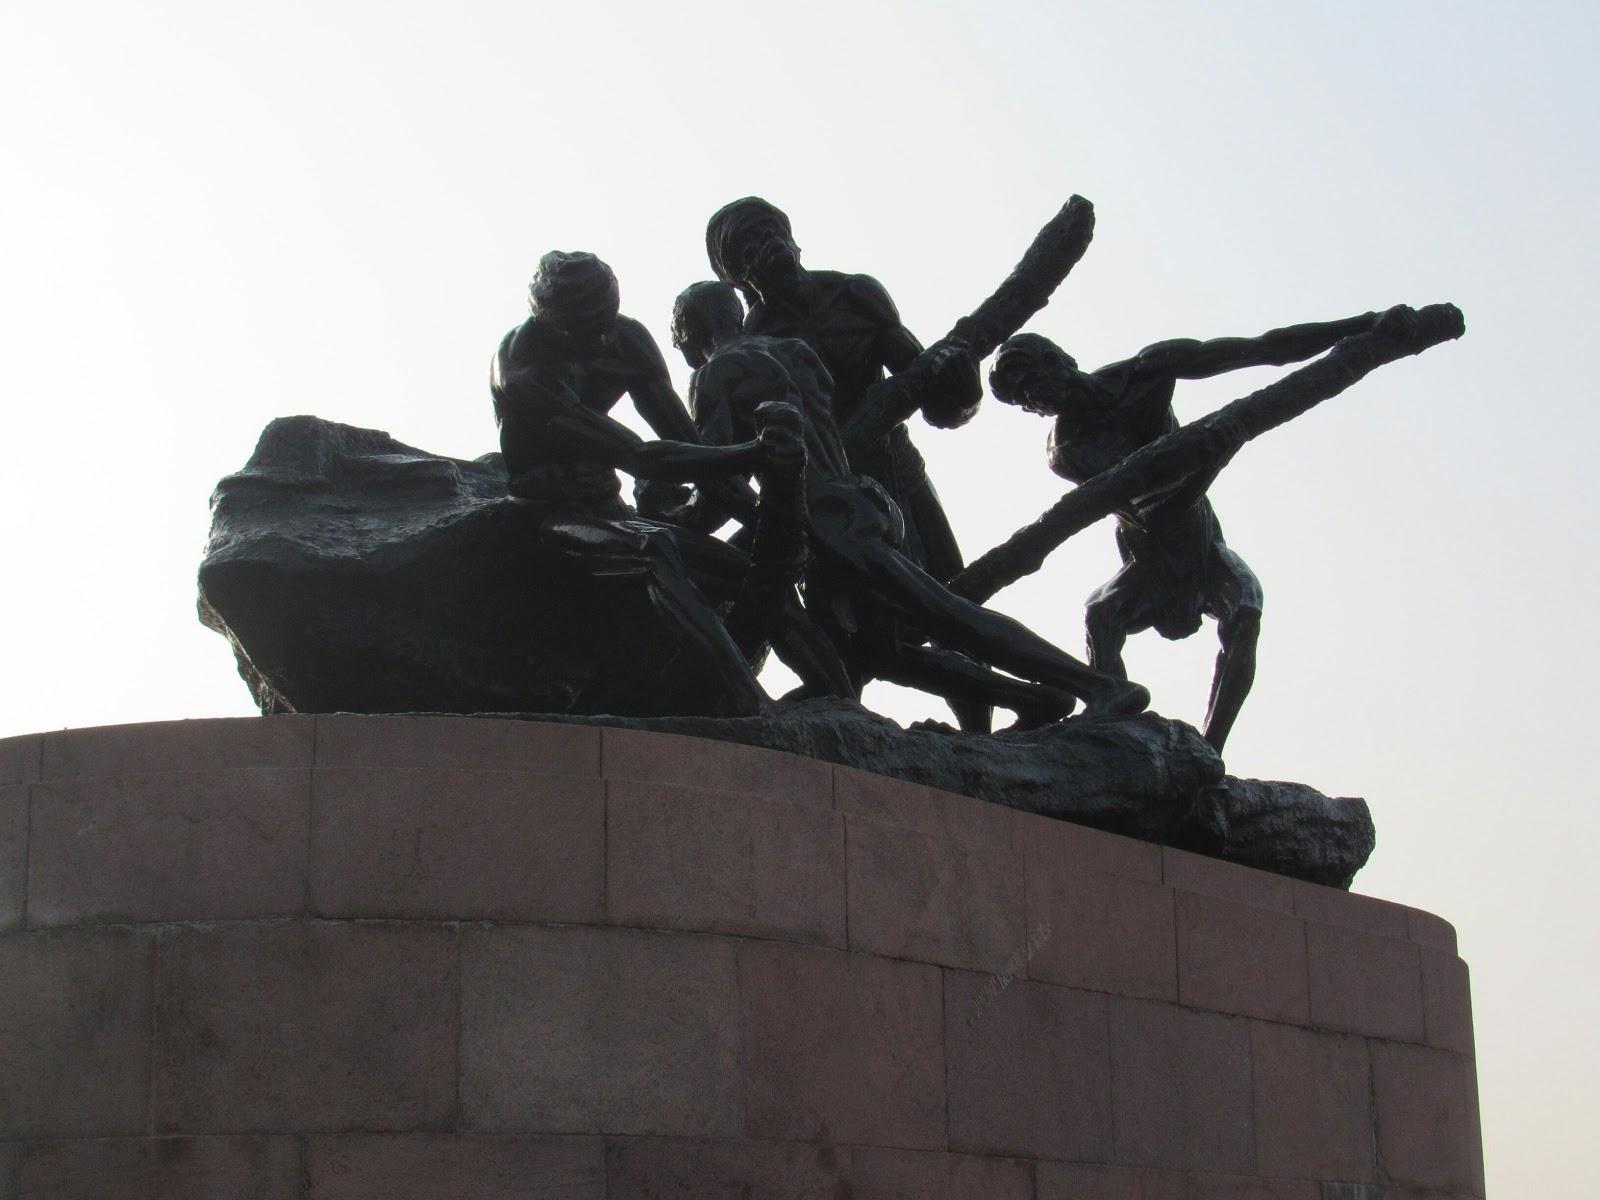 image: ulaipalar dhinam image [32]